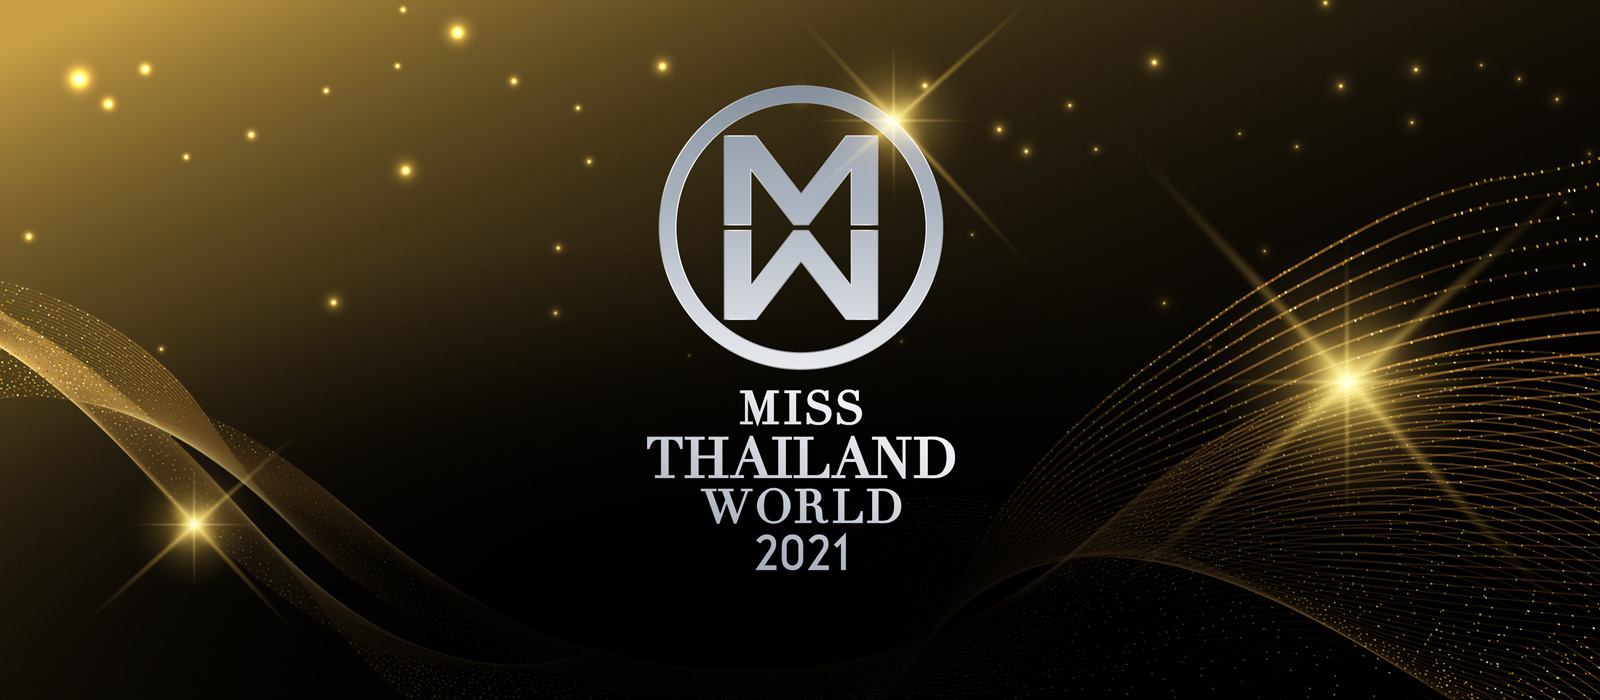 MTW2021